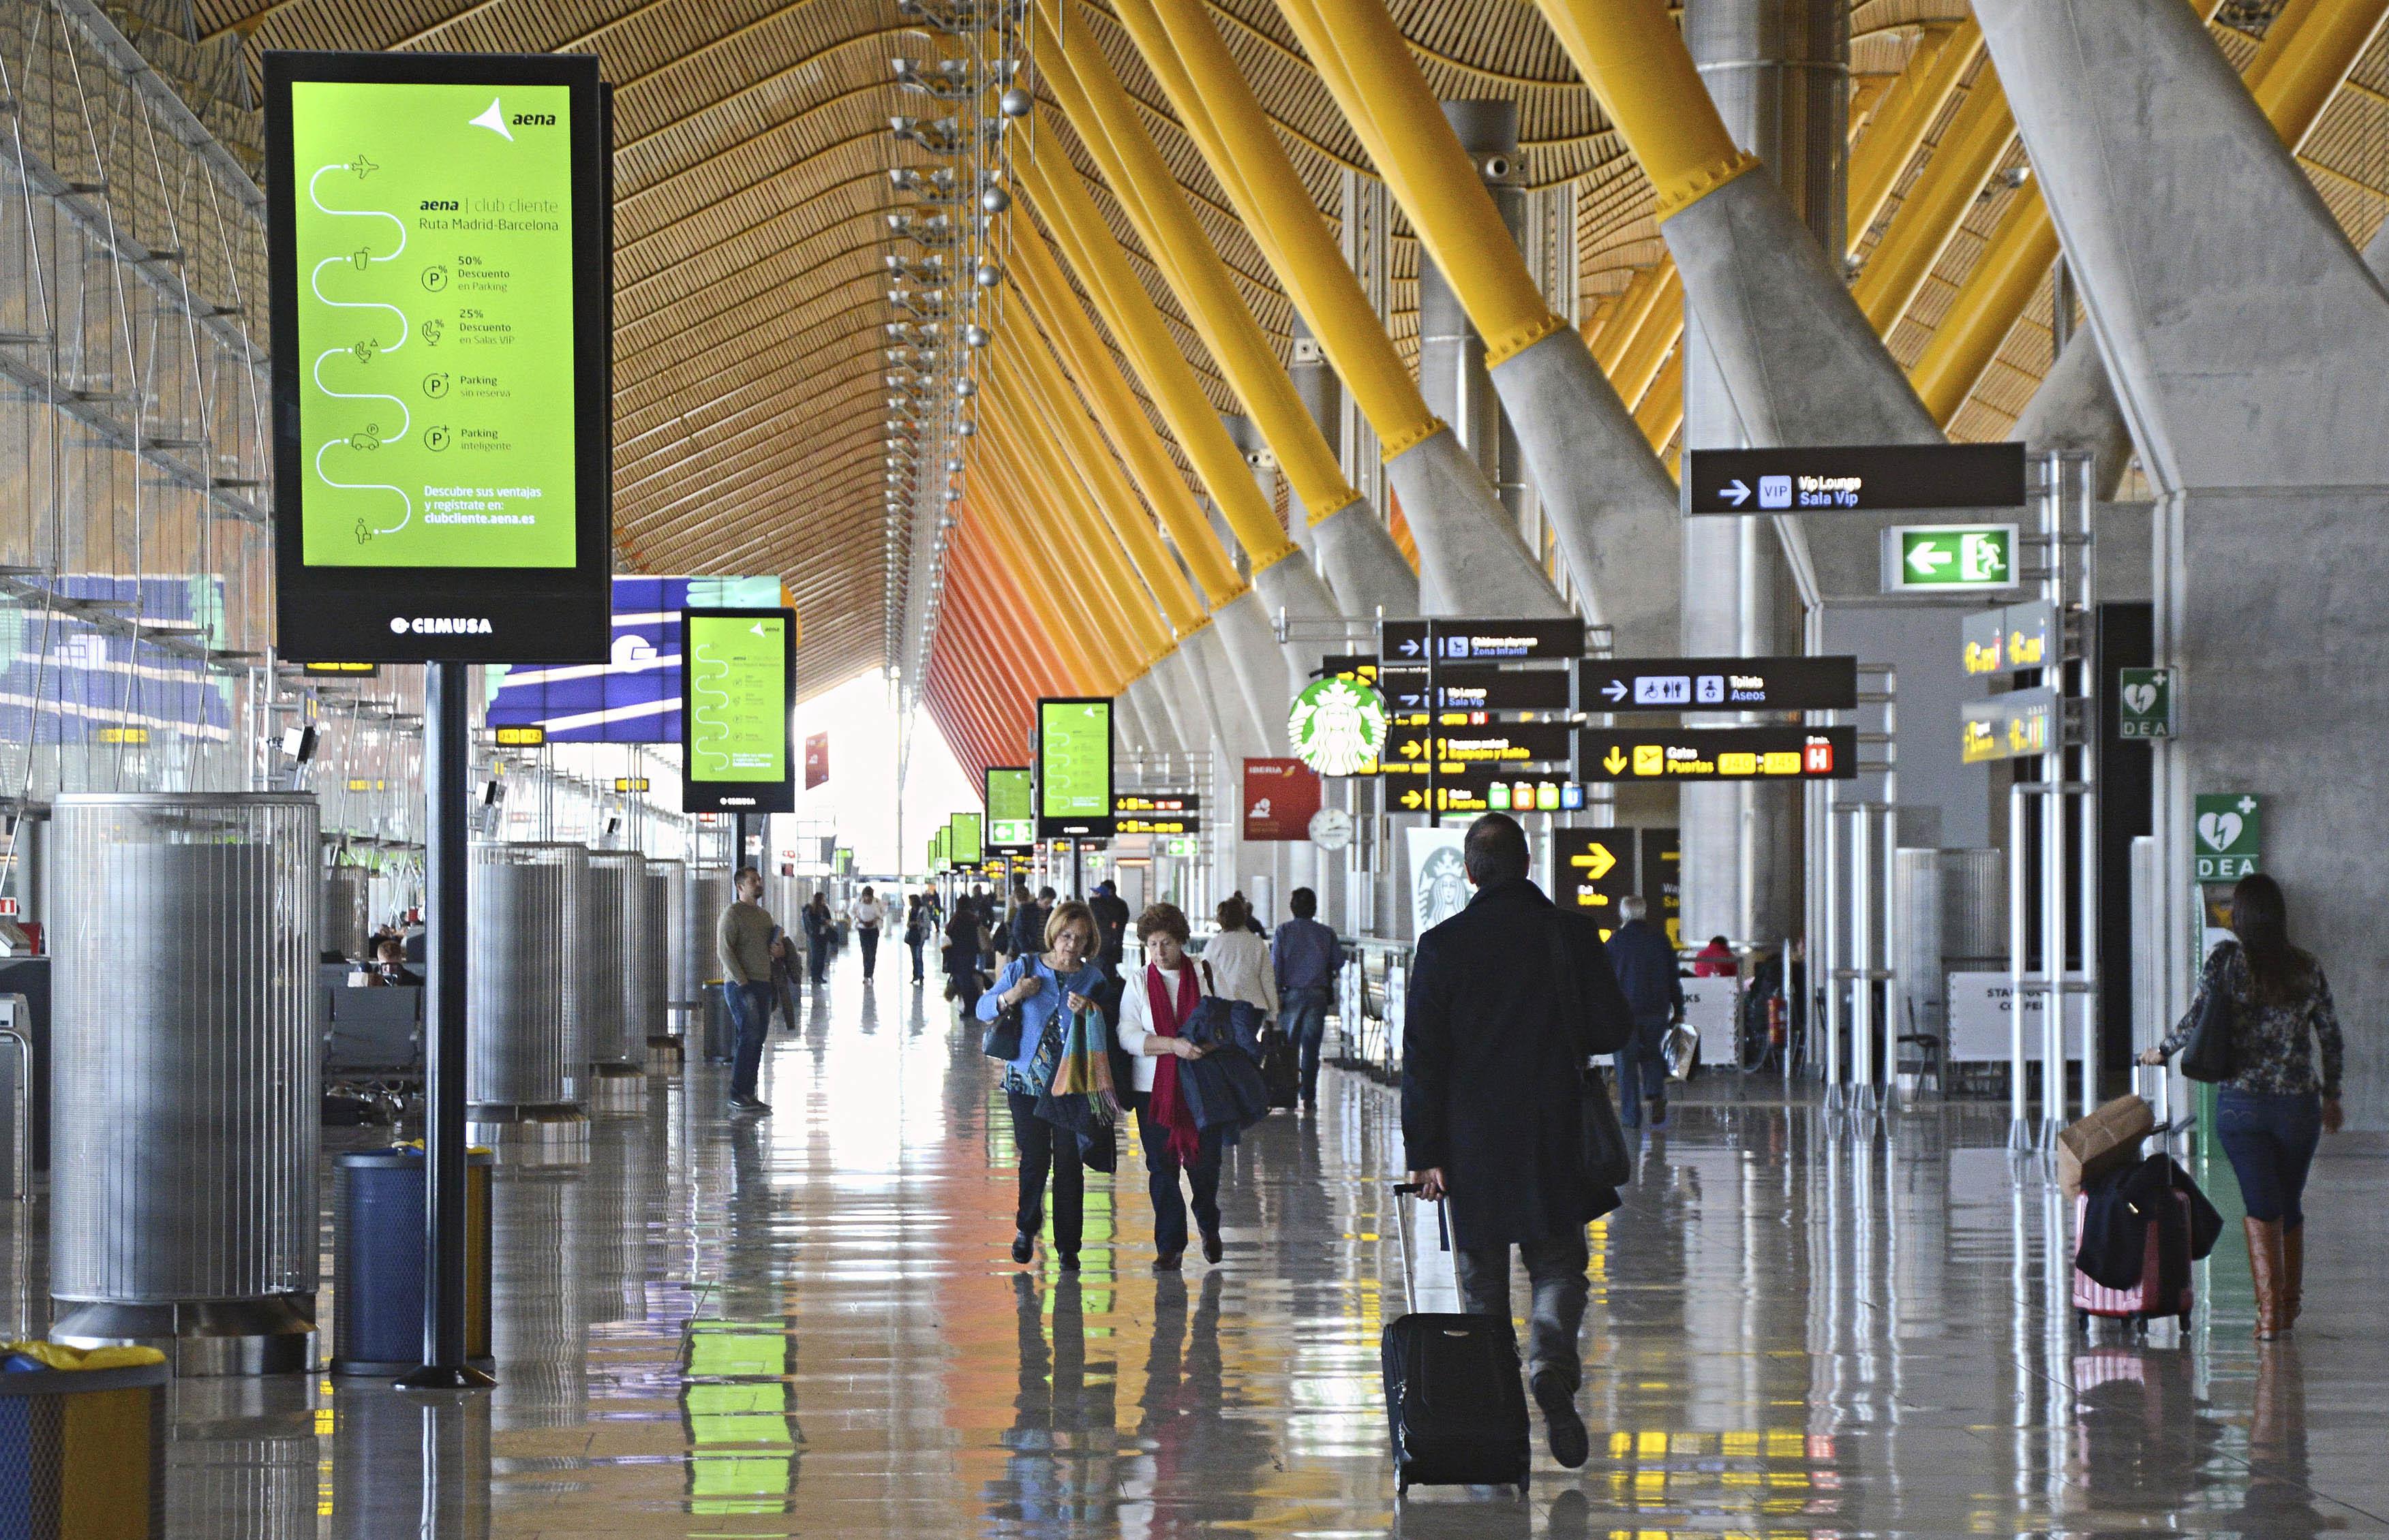 Covid-19 : L'Espagne entend exiger un test PCR pour les voyageurs provenant de pays à risque